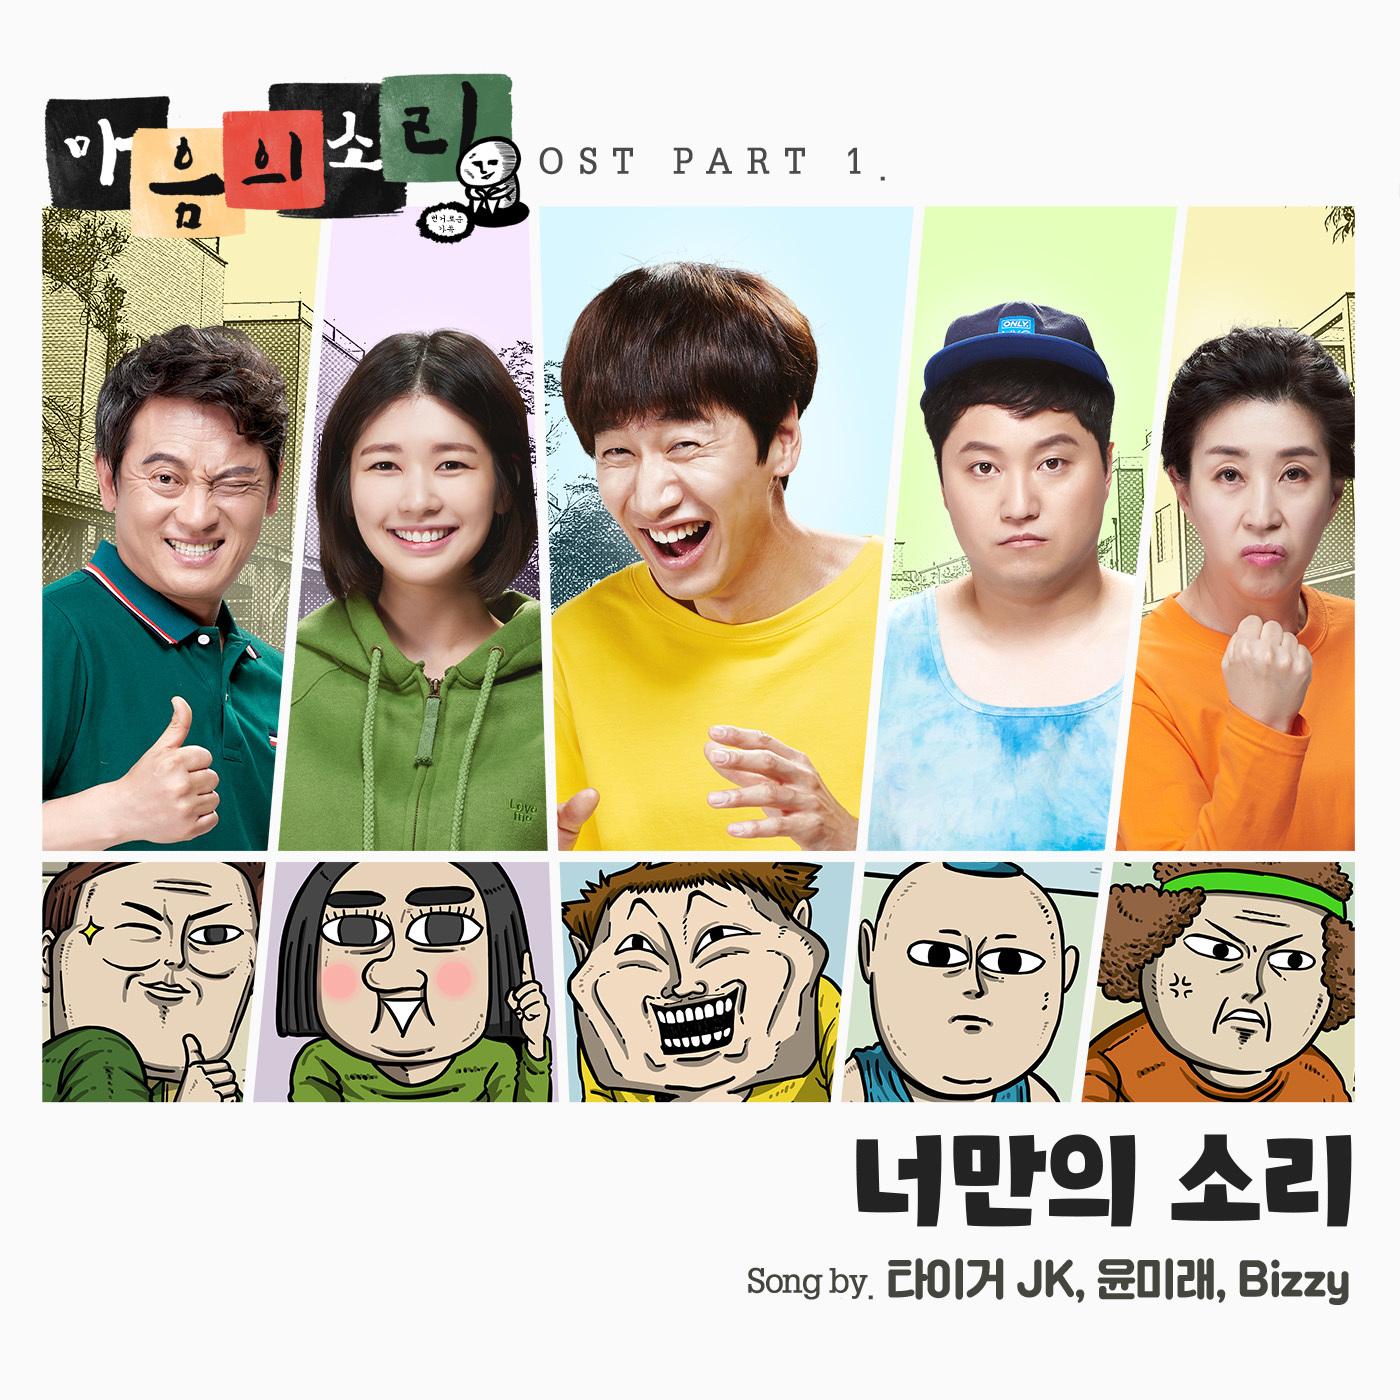 韩剧《心里的声音》第二季今天开播,主演阵容大换血,男主太帅惹争议!插图